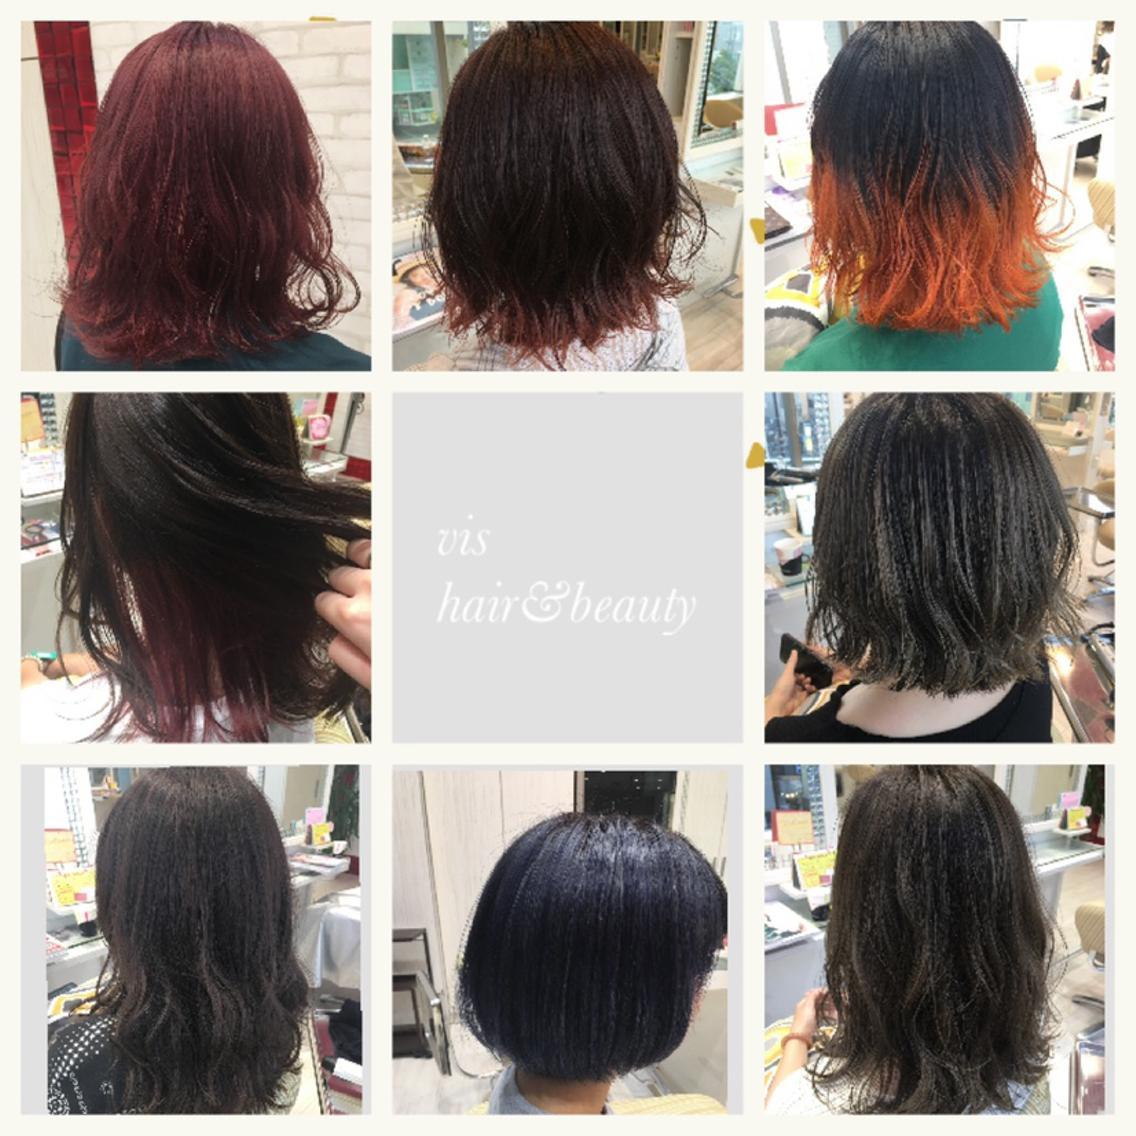 vis hair&beauty所属・落合桃瑠の掲載